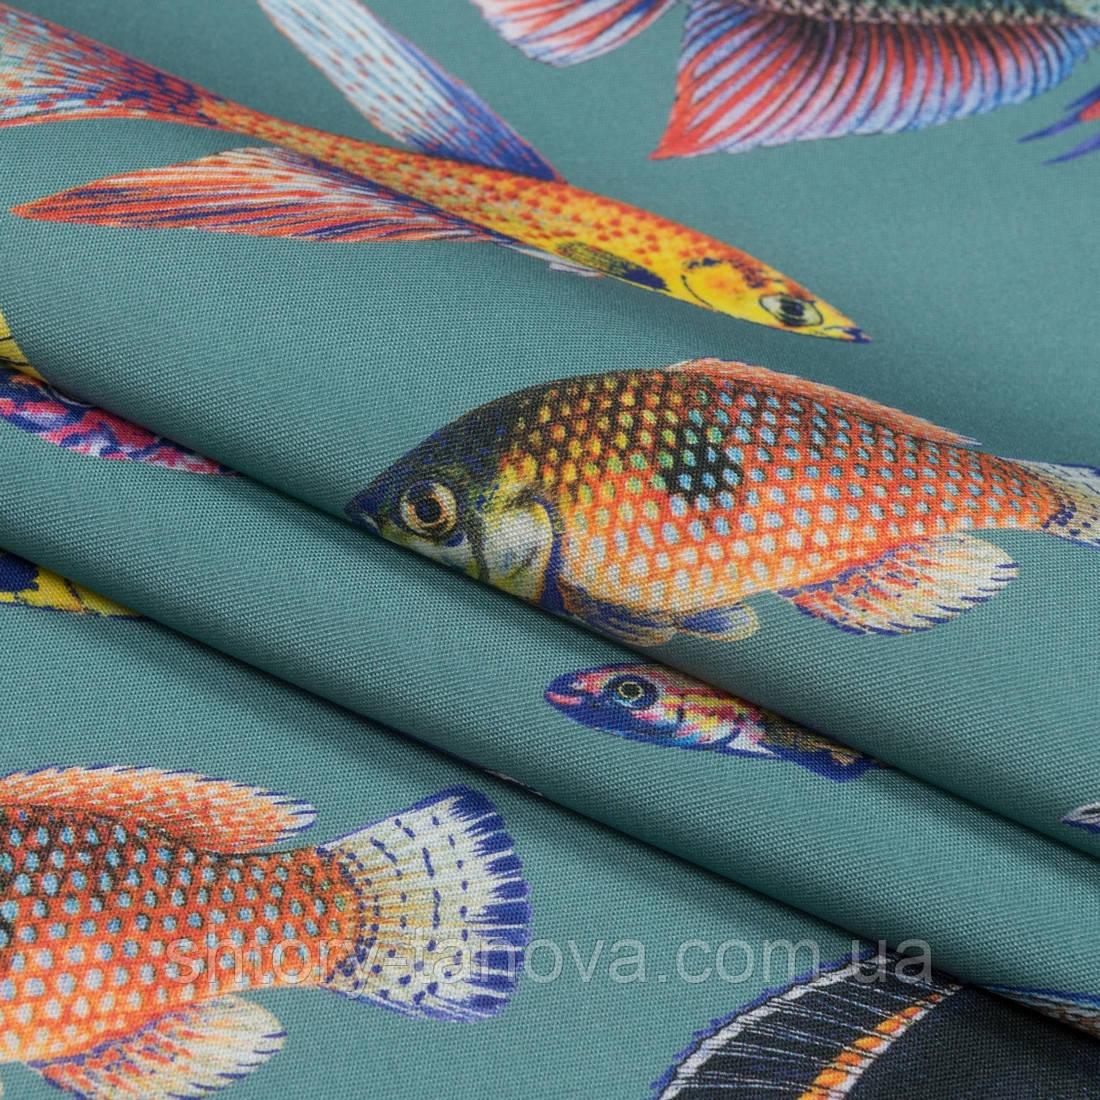 Дралон принт вардо/vardo фон сіро-блакитний,кольорові рибки